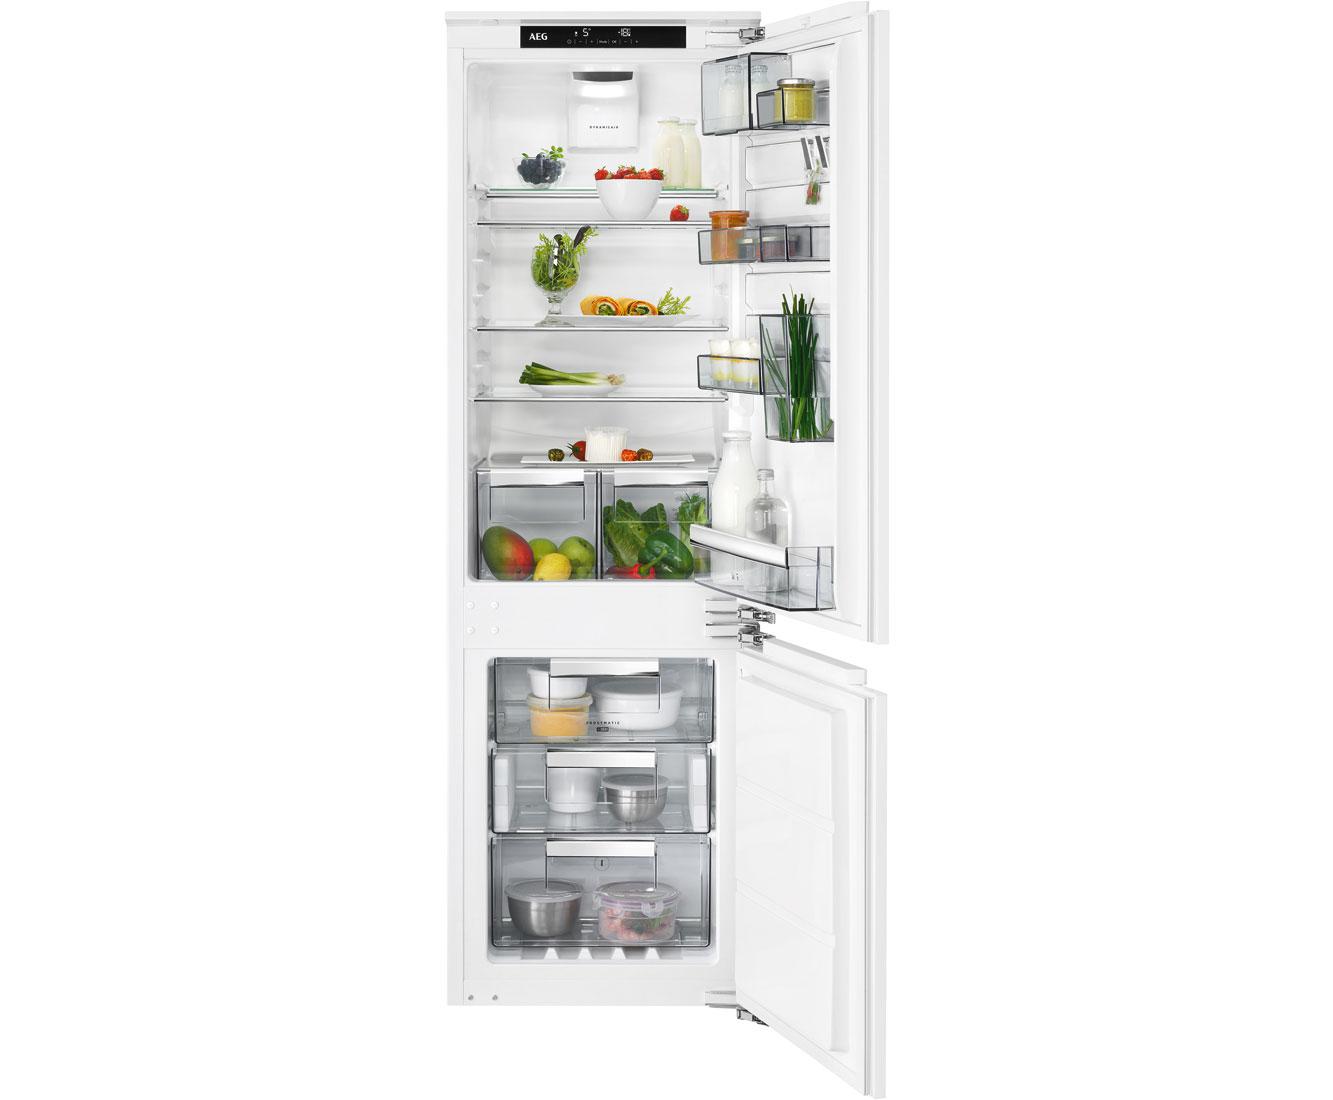 Mini Kühlschrank Mit Gefrierfach 48 L A Gefrierschrank Kühlbox Kühler Hotel : Coolmatic kompressor kühlschrank preisvergleich u die besten